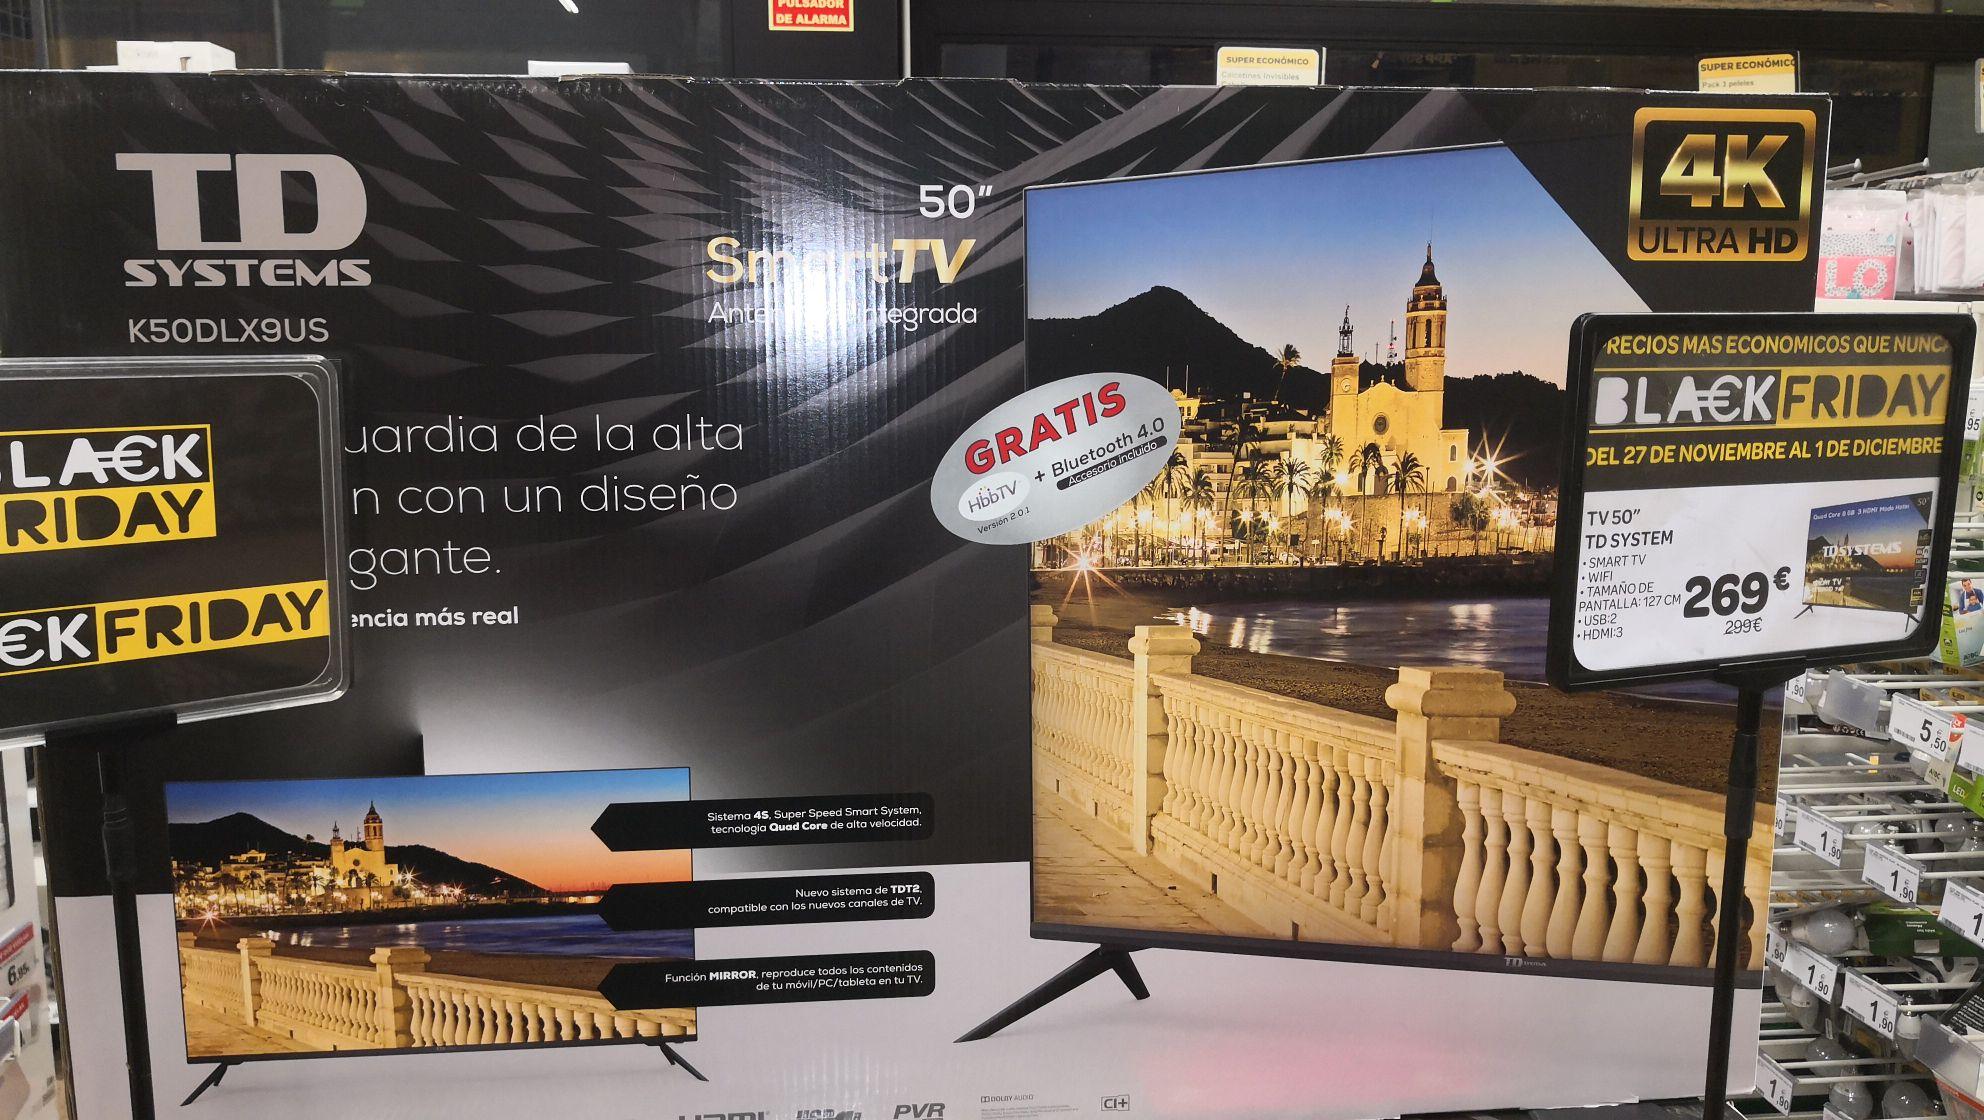 TD SYSTEM smart tv 50pulgadas y 4k